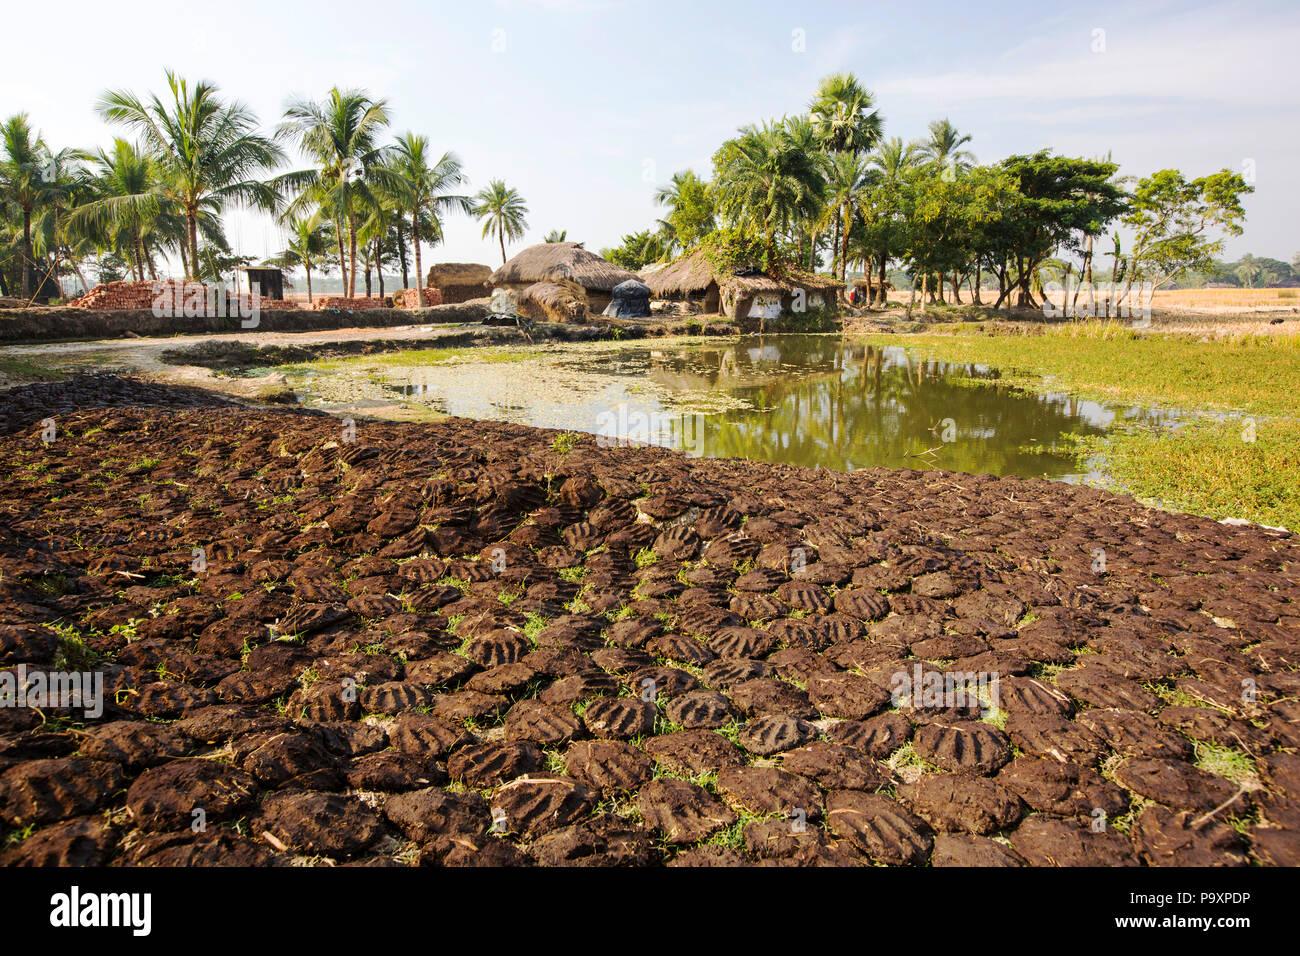 Kuhdung, die Kleinbauern in den Sundarbans, ein niedrig liegenden Bereich des Ganges Delta im Osten Indiens, die sehr anfällig für den Anstieg des Meeresspiegels. Die kuhdung ist als Biokraftstoff in der traditionellen Ton Öfen verwendet Stockbild